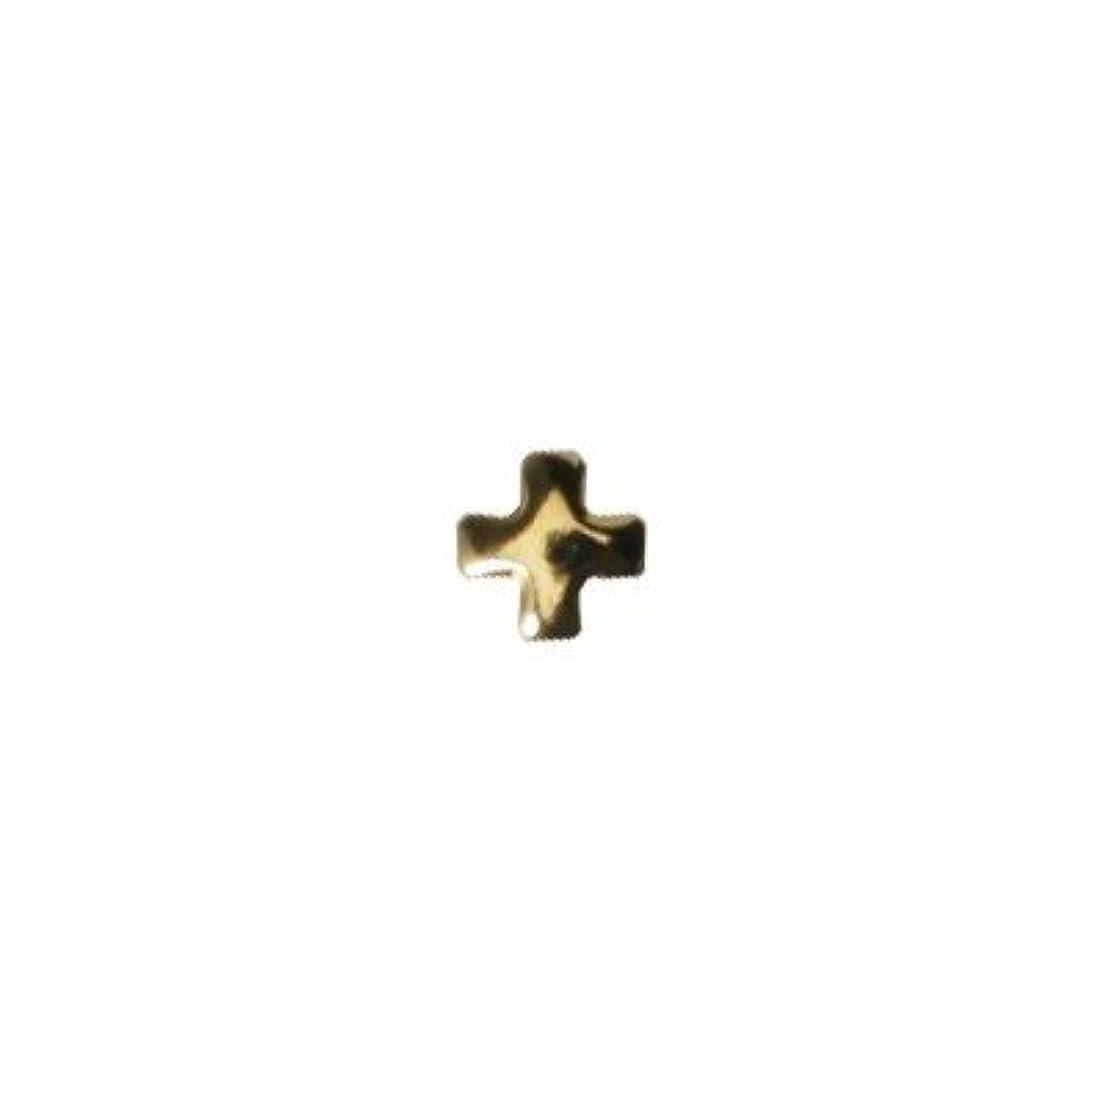 禁じるダンプ法医学ピアドラ スタッズ クロスレット 2mm 50P ゴールド